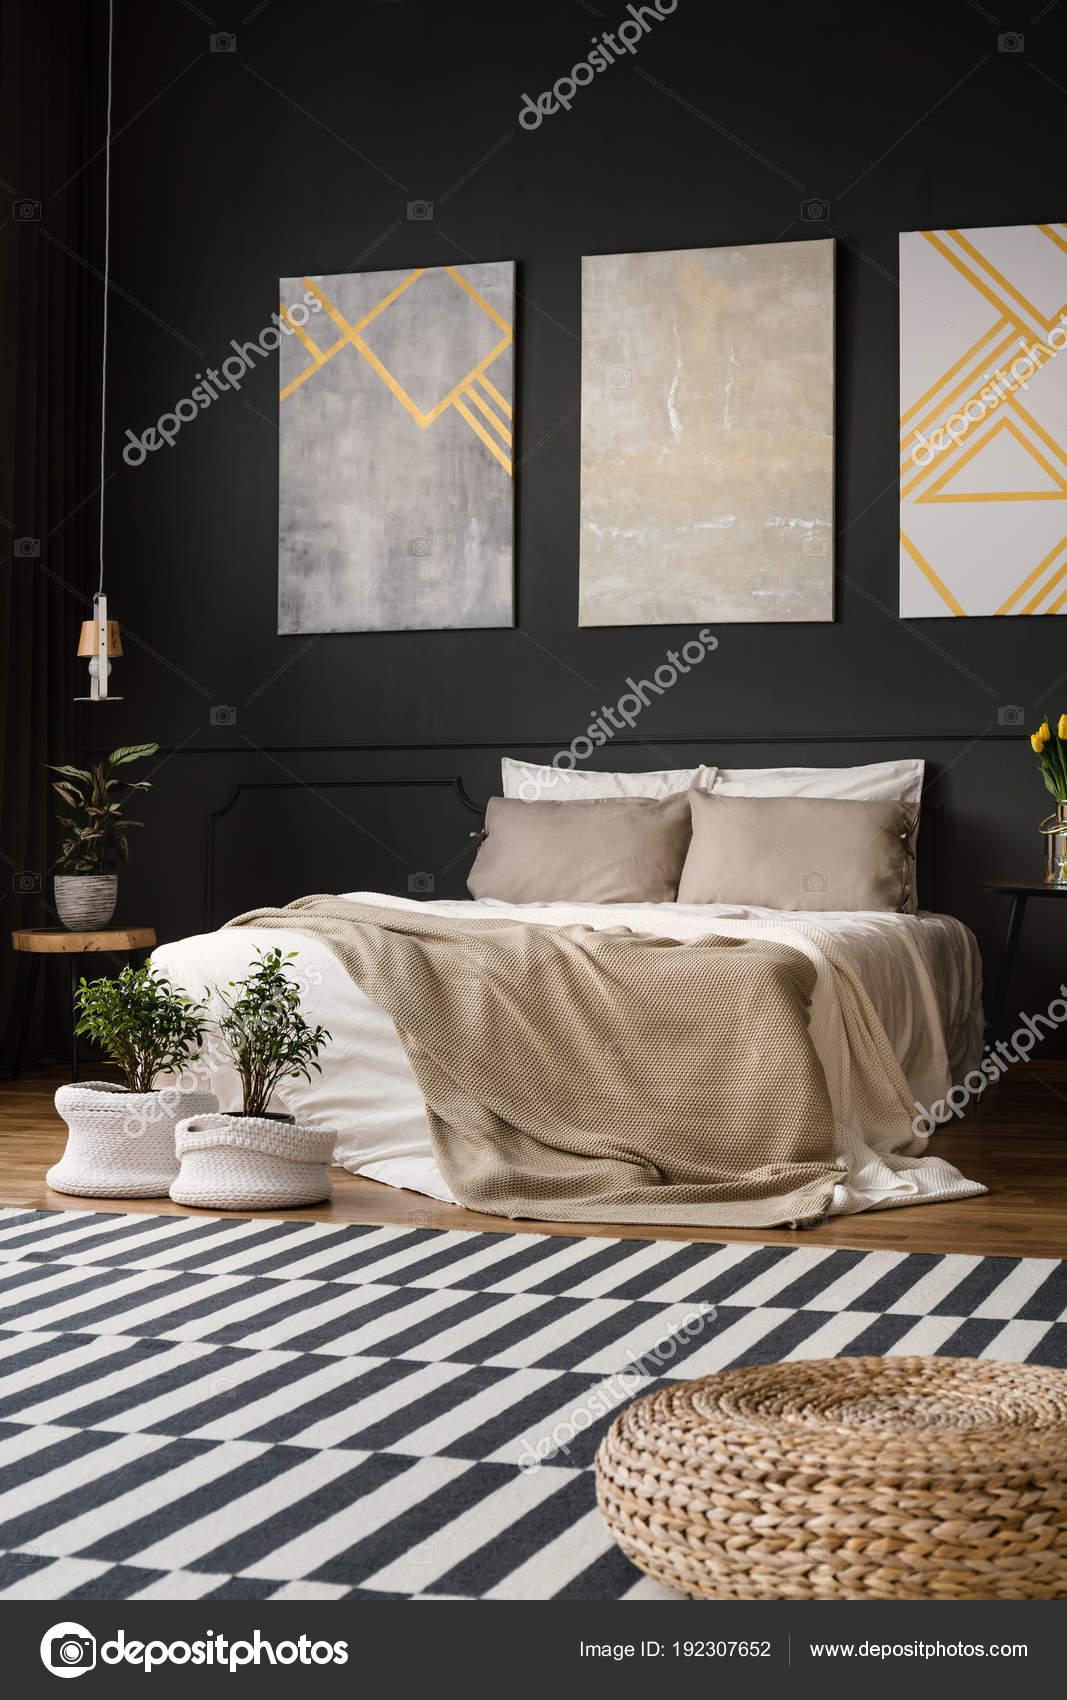 retro bedroom with carpet stock photo - Retro Bedroom